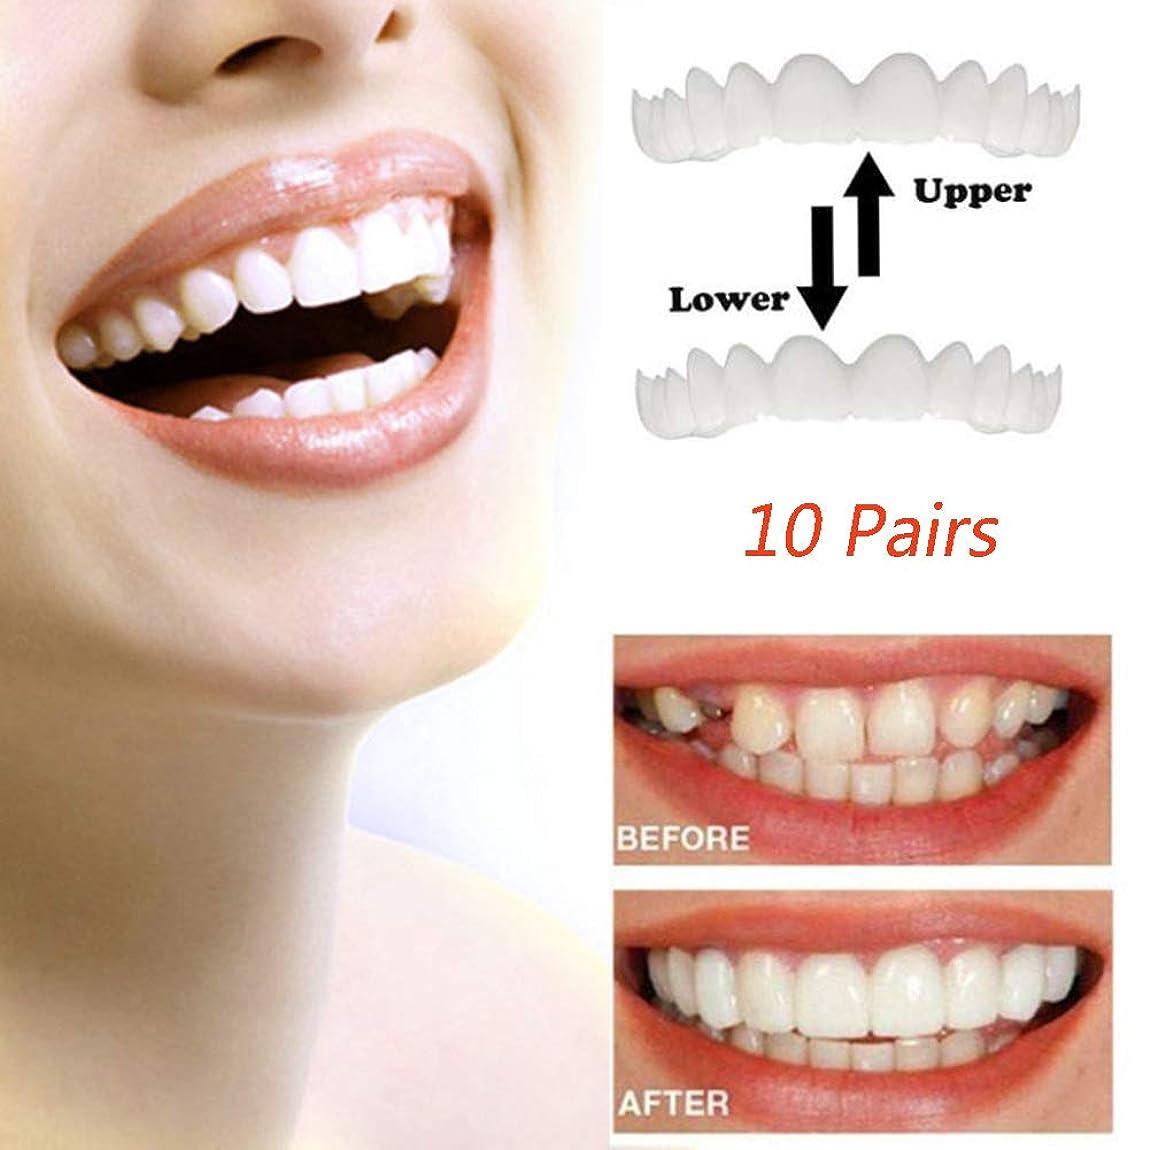 投資する知人かもしれないプロの笑顔仮歯キット10ペア上下の歯の化粧品のベニヤ自信を持って笑顔の快適さフレックスパーフェクトベニヤワンサイズフィット